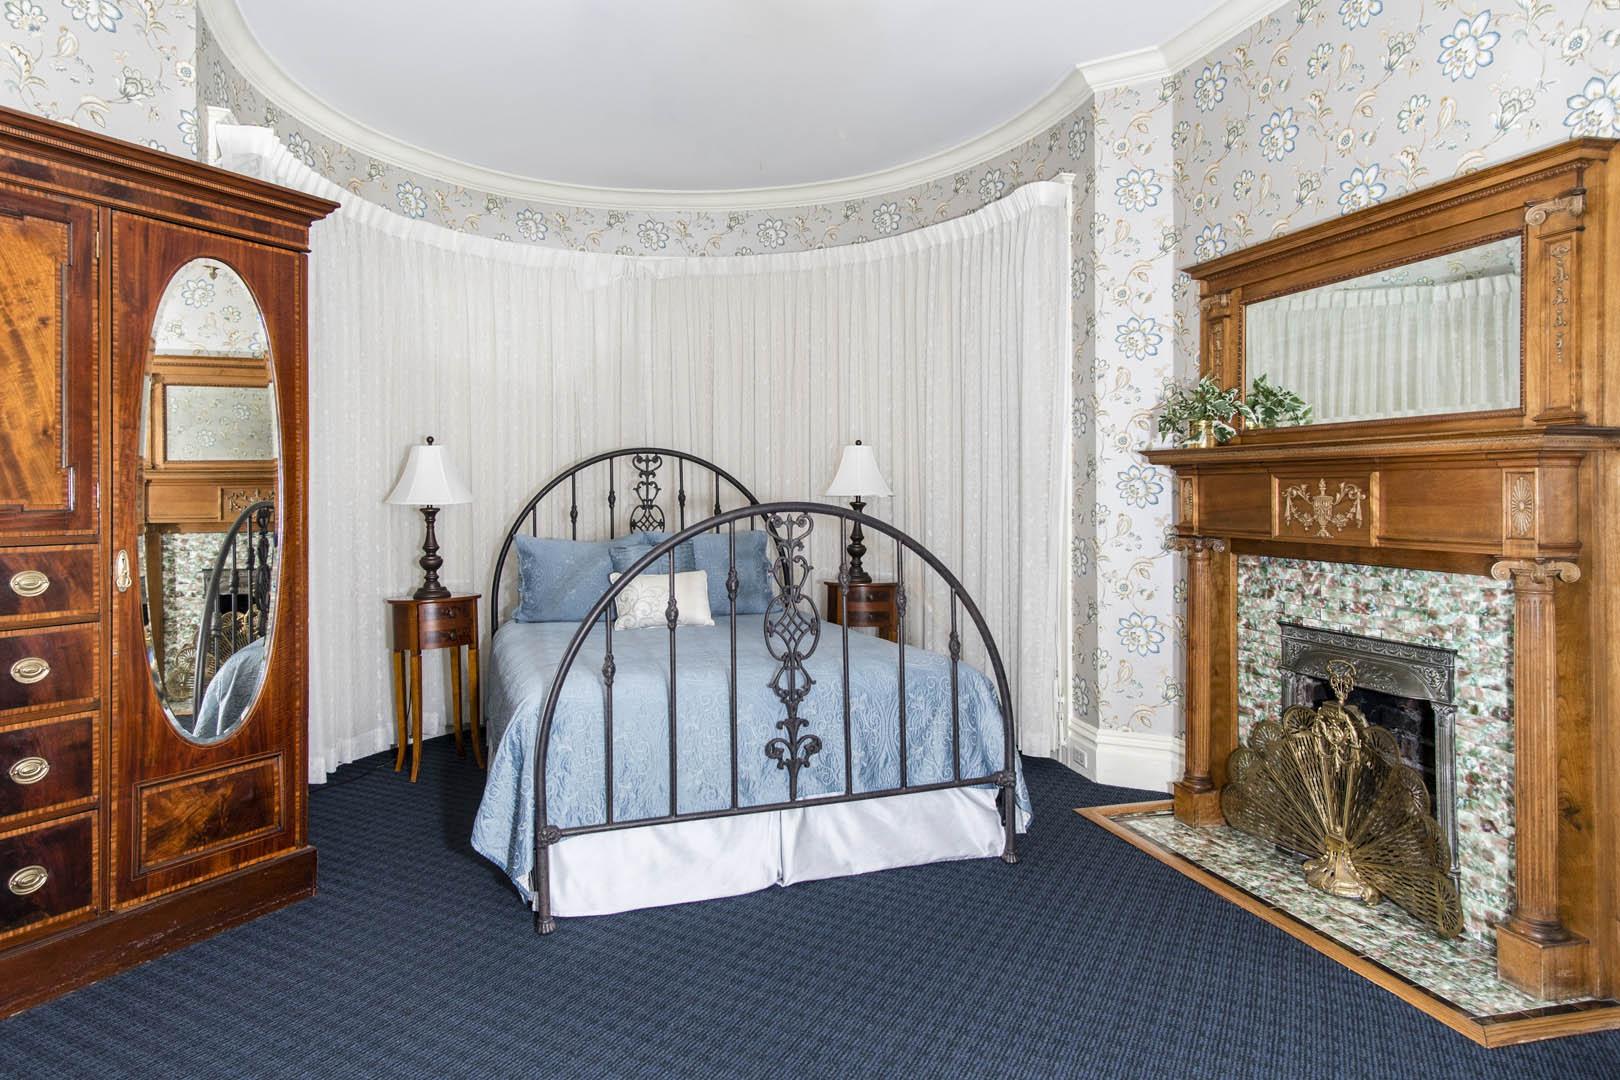 Nob Hill Inn Resort Interior - Bedroom